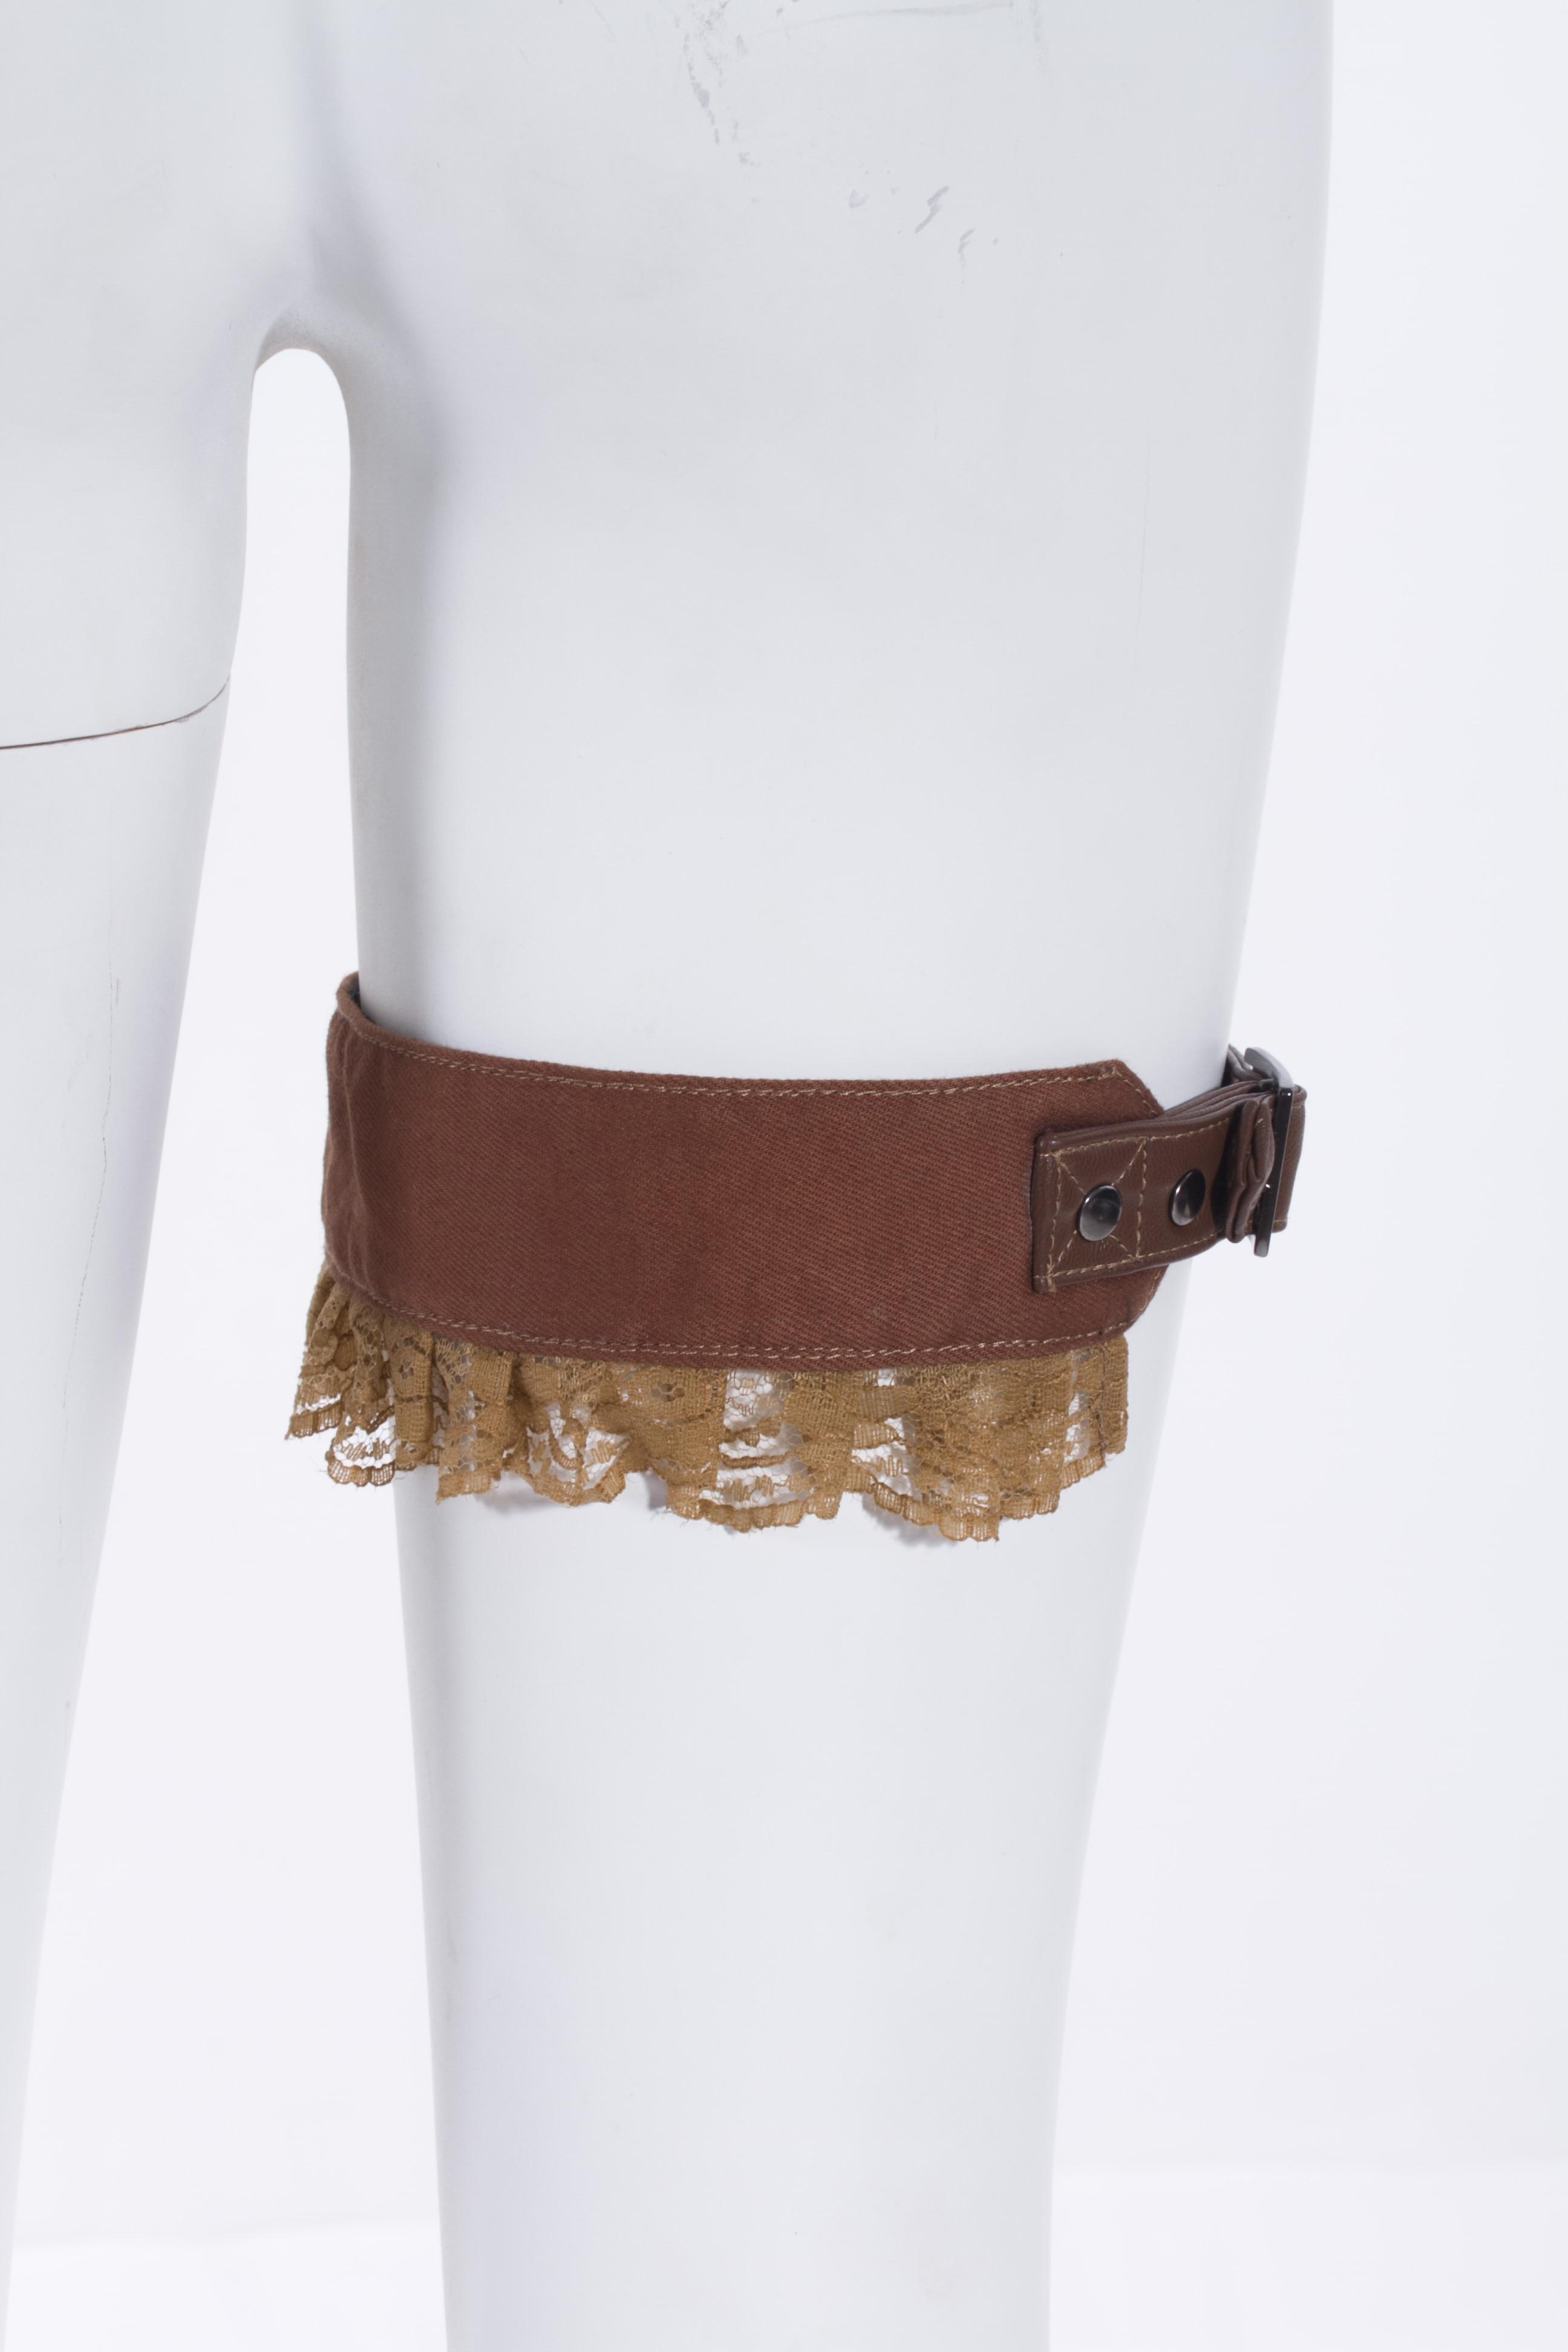 Sexy Punk chaussettes en cuir avec ceinture en dentelle marron jambe anneau cuisse bas jambe ceinture réglable femmes pour boîte de nuit fête